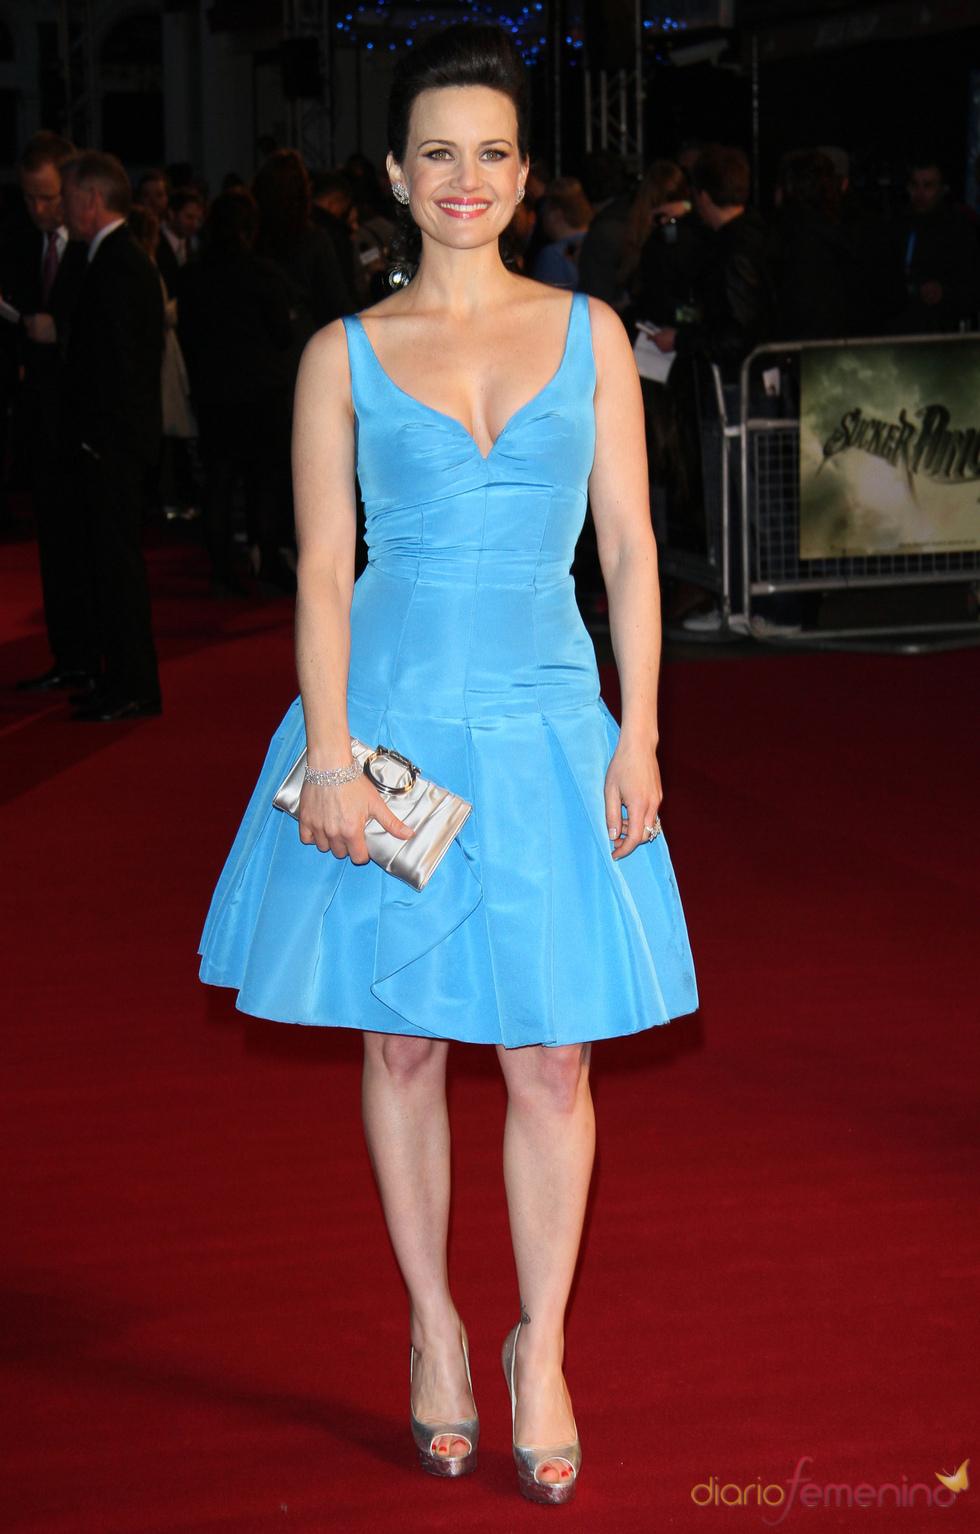 La actriz Carla Gugino en la premiere de 'Sucker Punch' de Londres